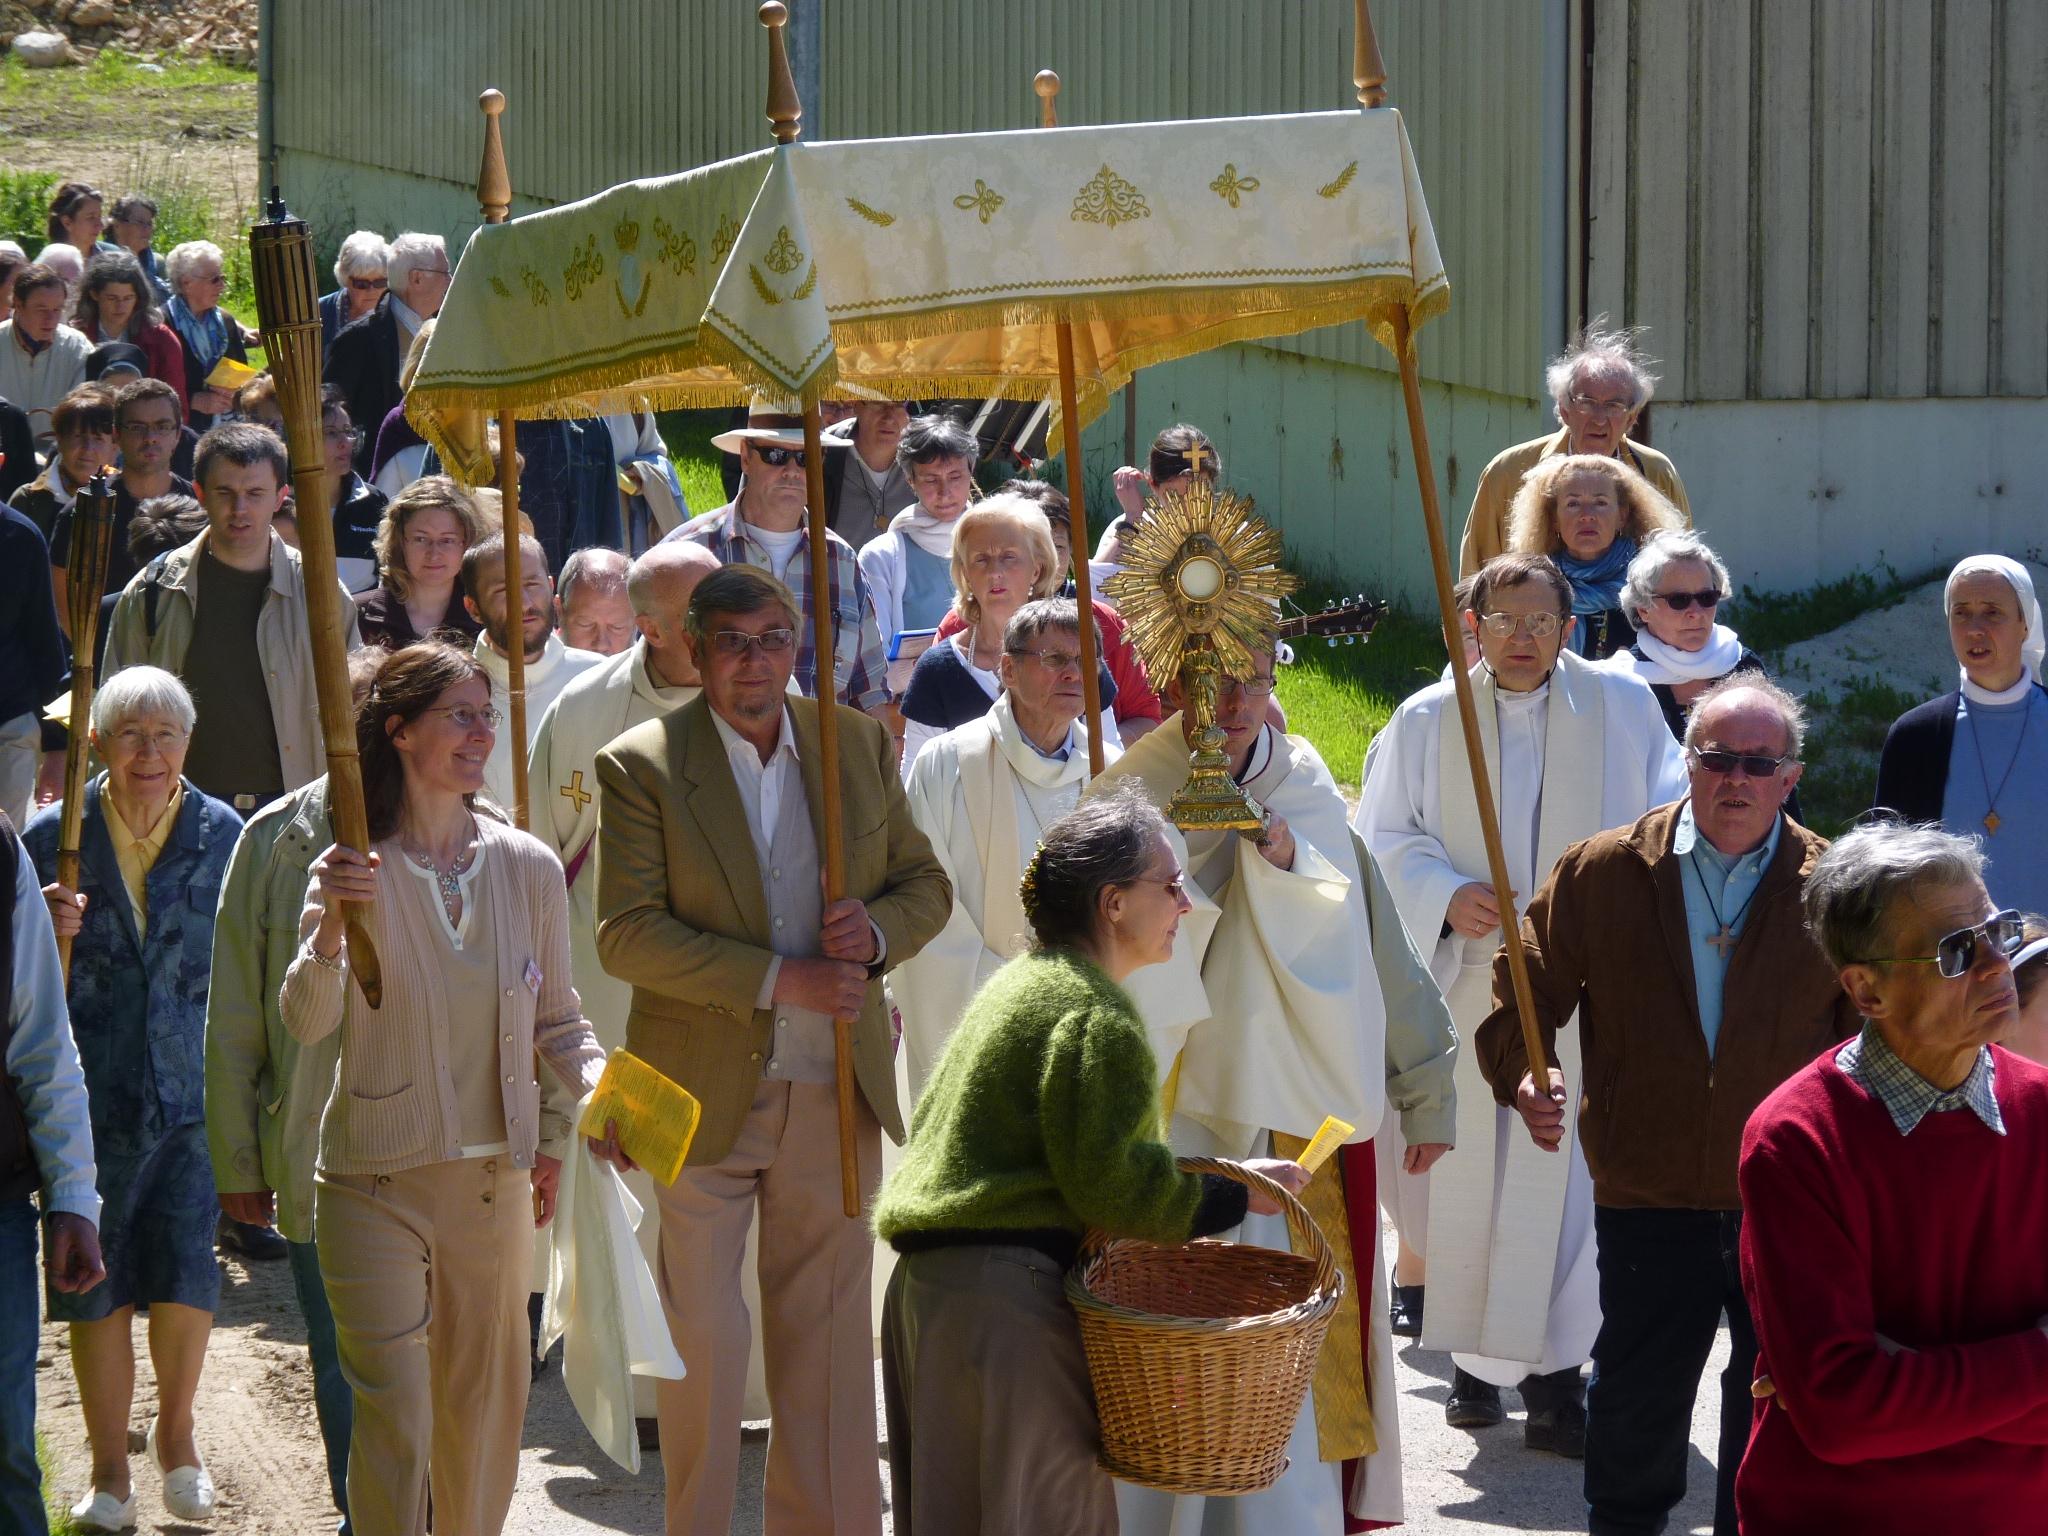 Arrivee-pres-d-Andecy-Procession-du-St-Sacrement-Fete-Dieu-2013-3